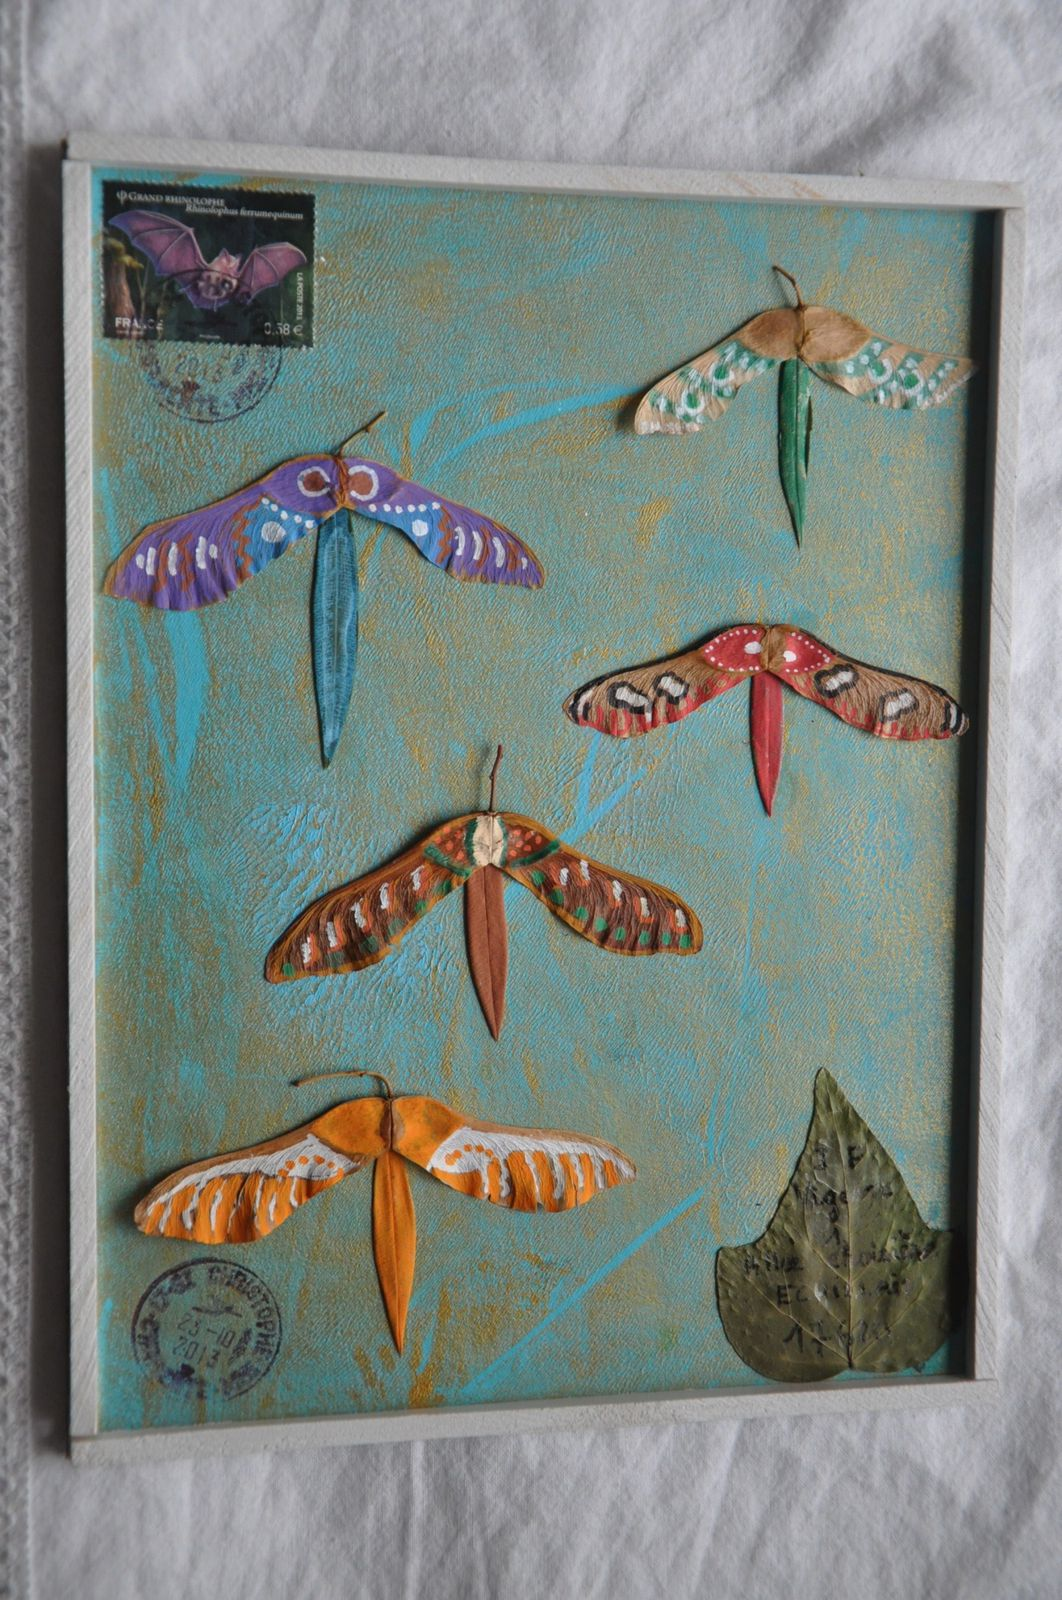 """Reçu de Nicole Hulot ce merveilleux disque """"comme autrefois"""" et ces magnifiques papillons...Quelle imagination! BRAVO et MERCI!"""